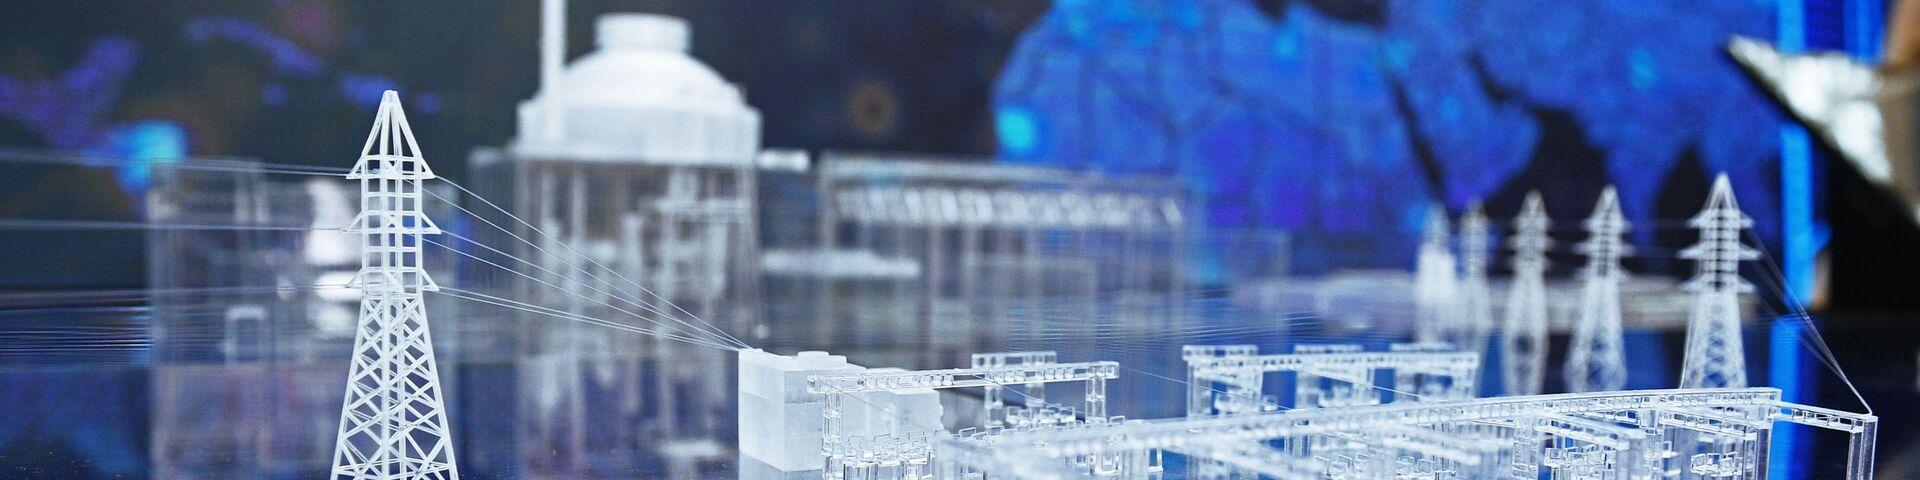 Модель электростанции на Международном форуме «АТОМЭКСПО»  - РИА Новости, 1920, 06.12.2018